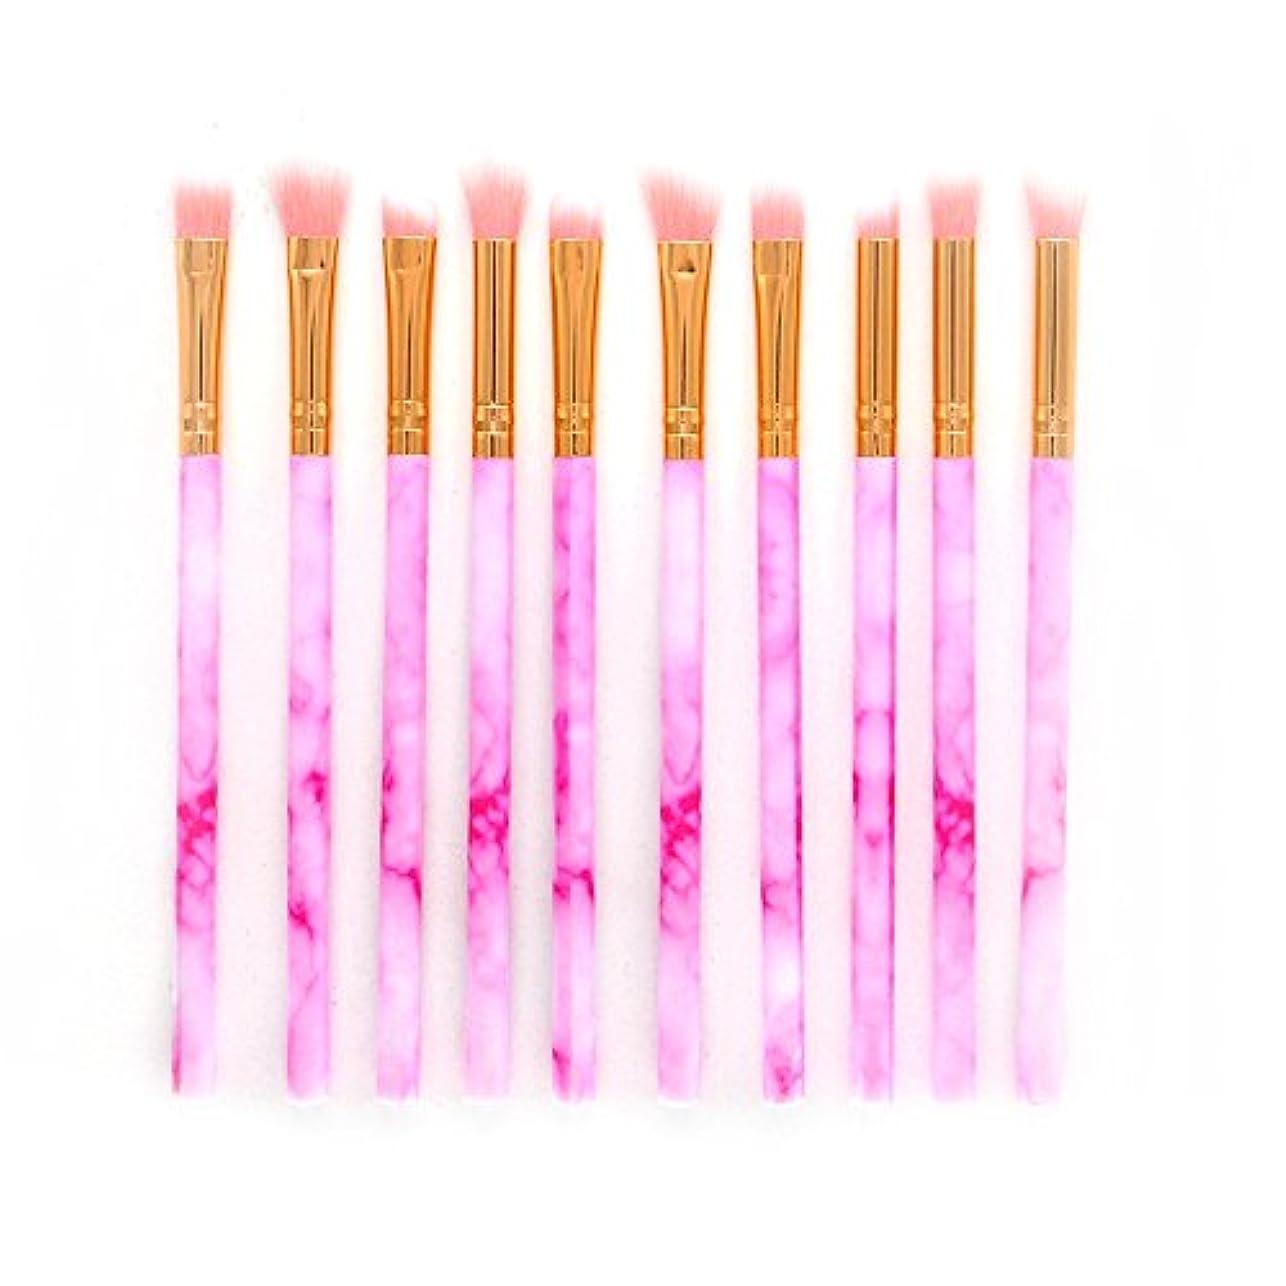 笑え熊 化粧筆 メイク 筆 限定版 アイシャドーブラシ 10本セット 化粧ブラシ おしゃれ 日常の化粧 集まる化粧